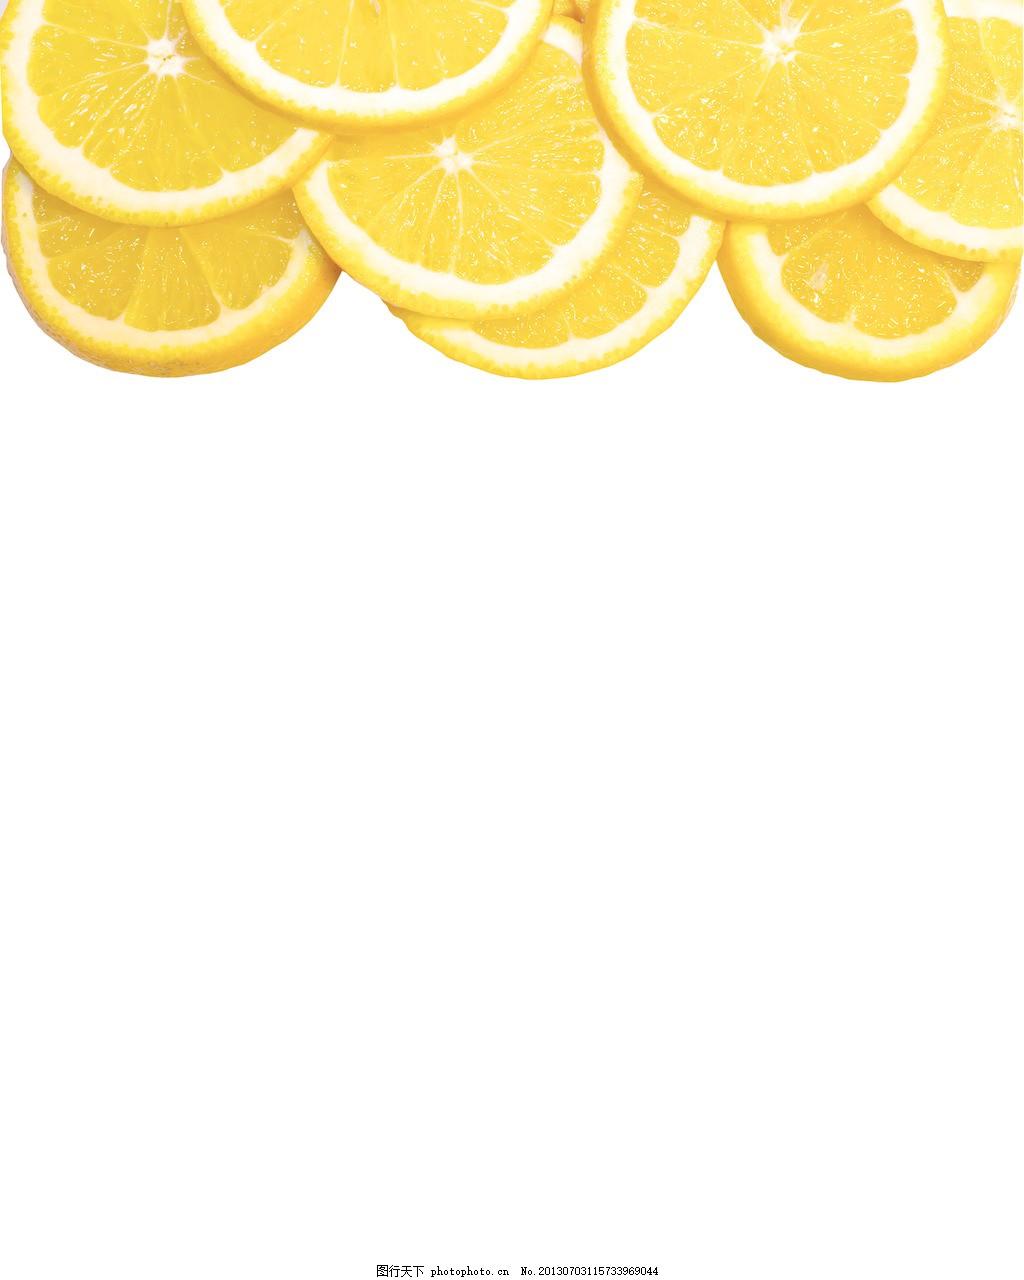 在信纸上橙片